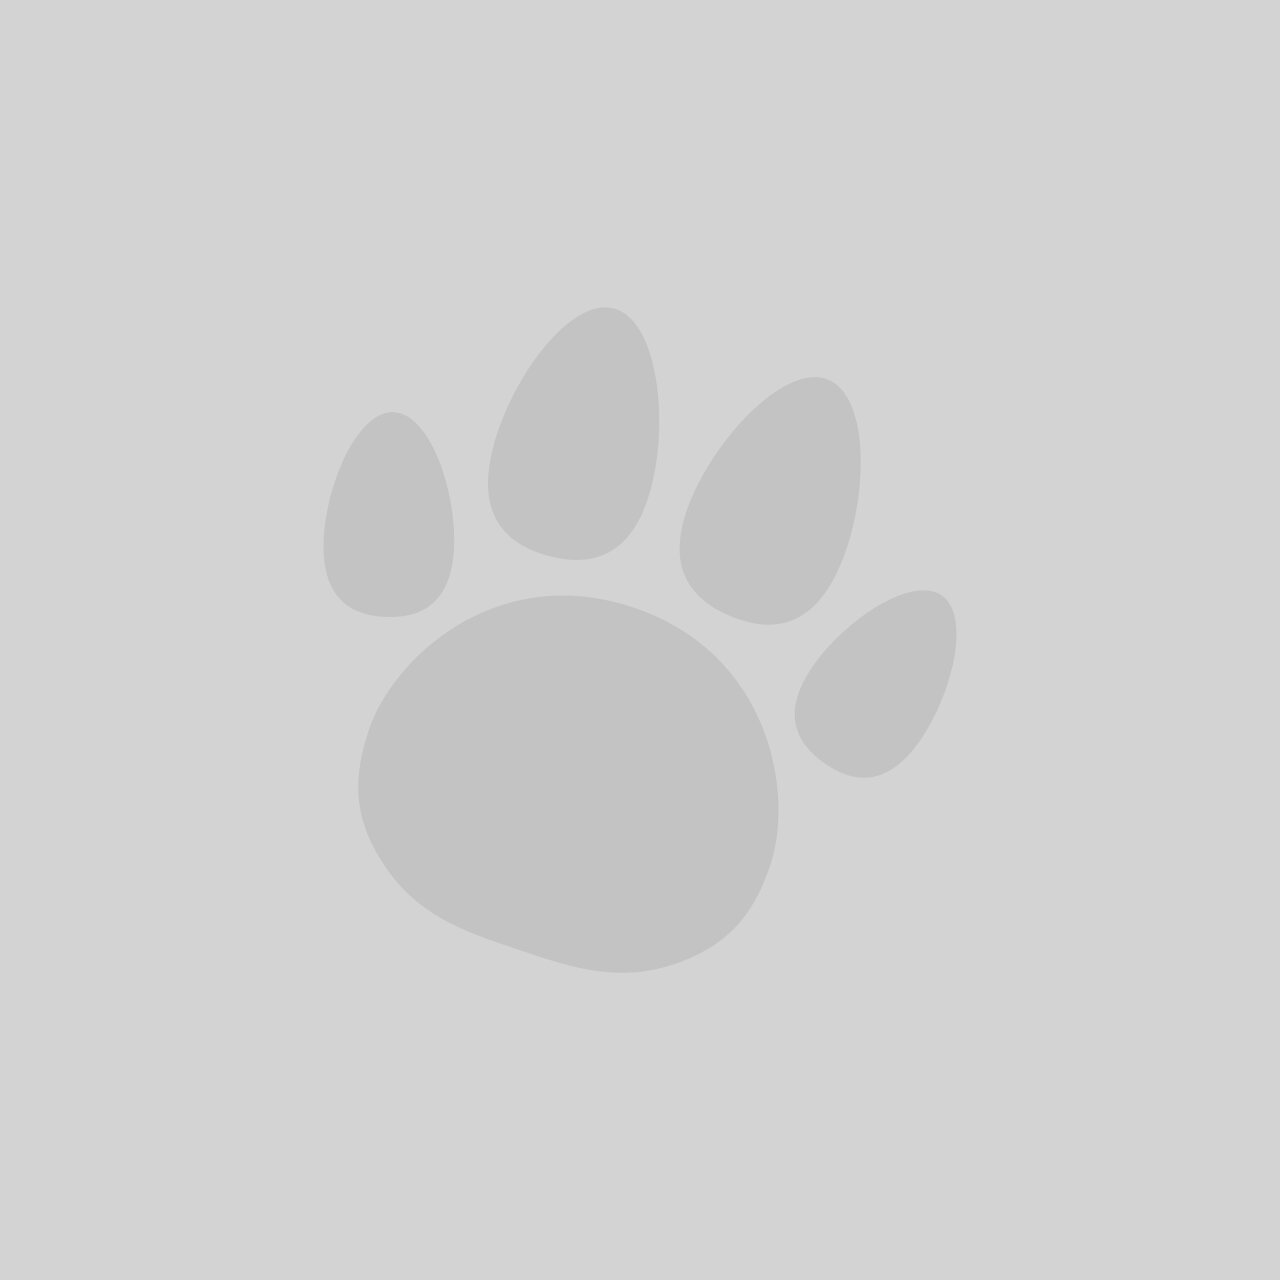 Pedigree Tasty Bites Chicken Puppy Treats 125g